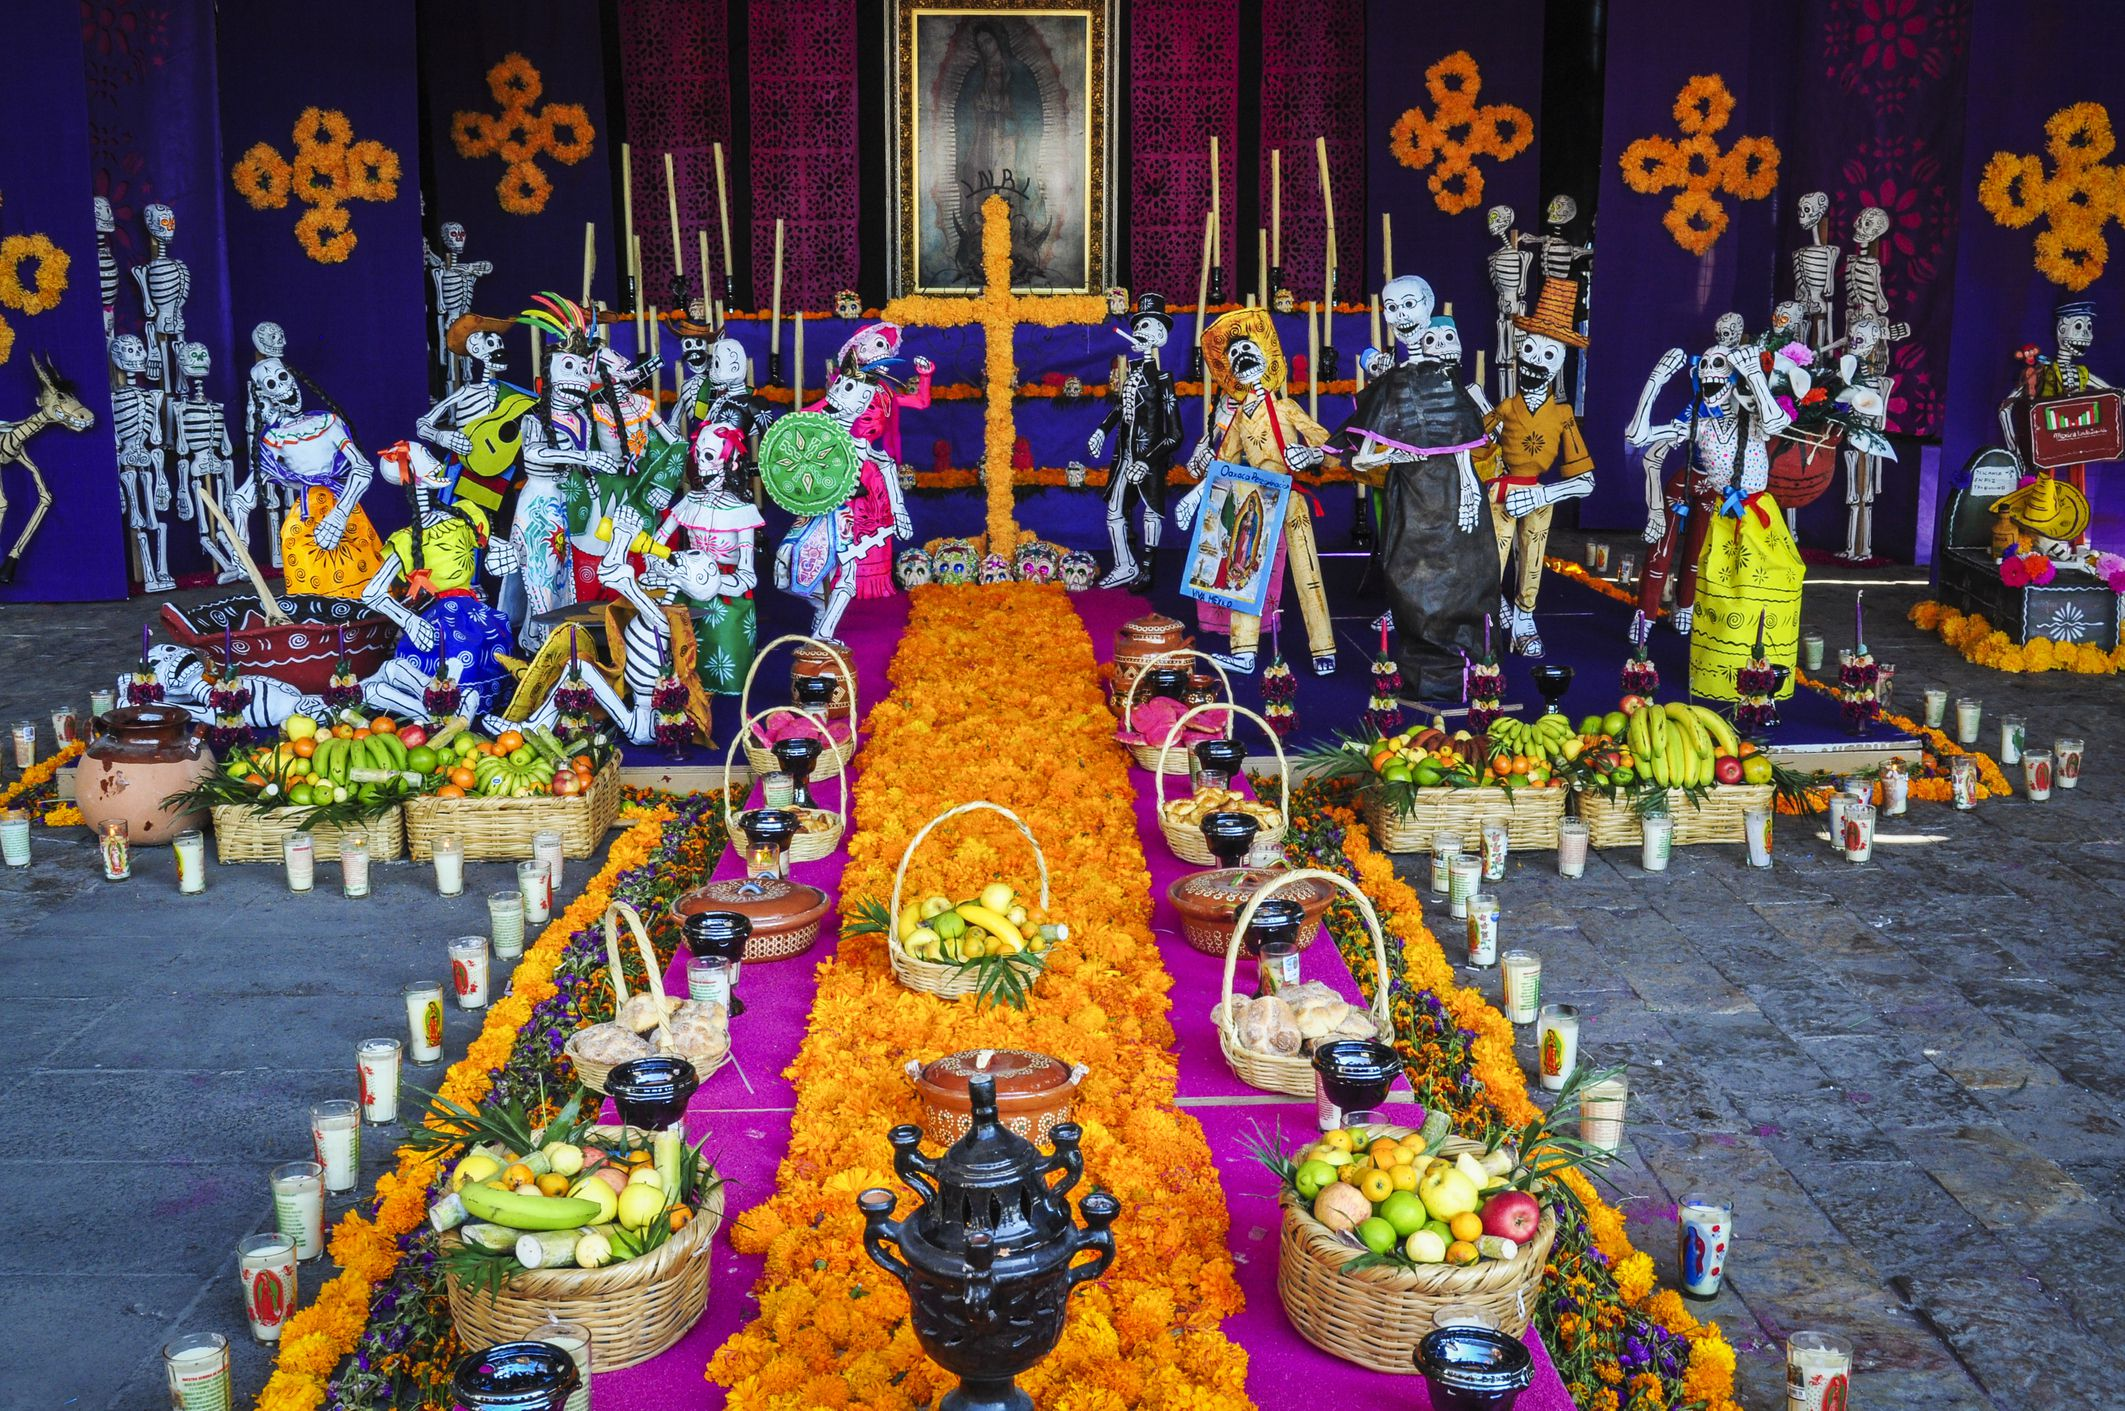 altar-5ad4835aeb97de00370ce4ee